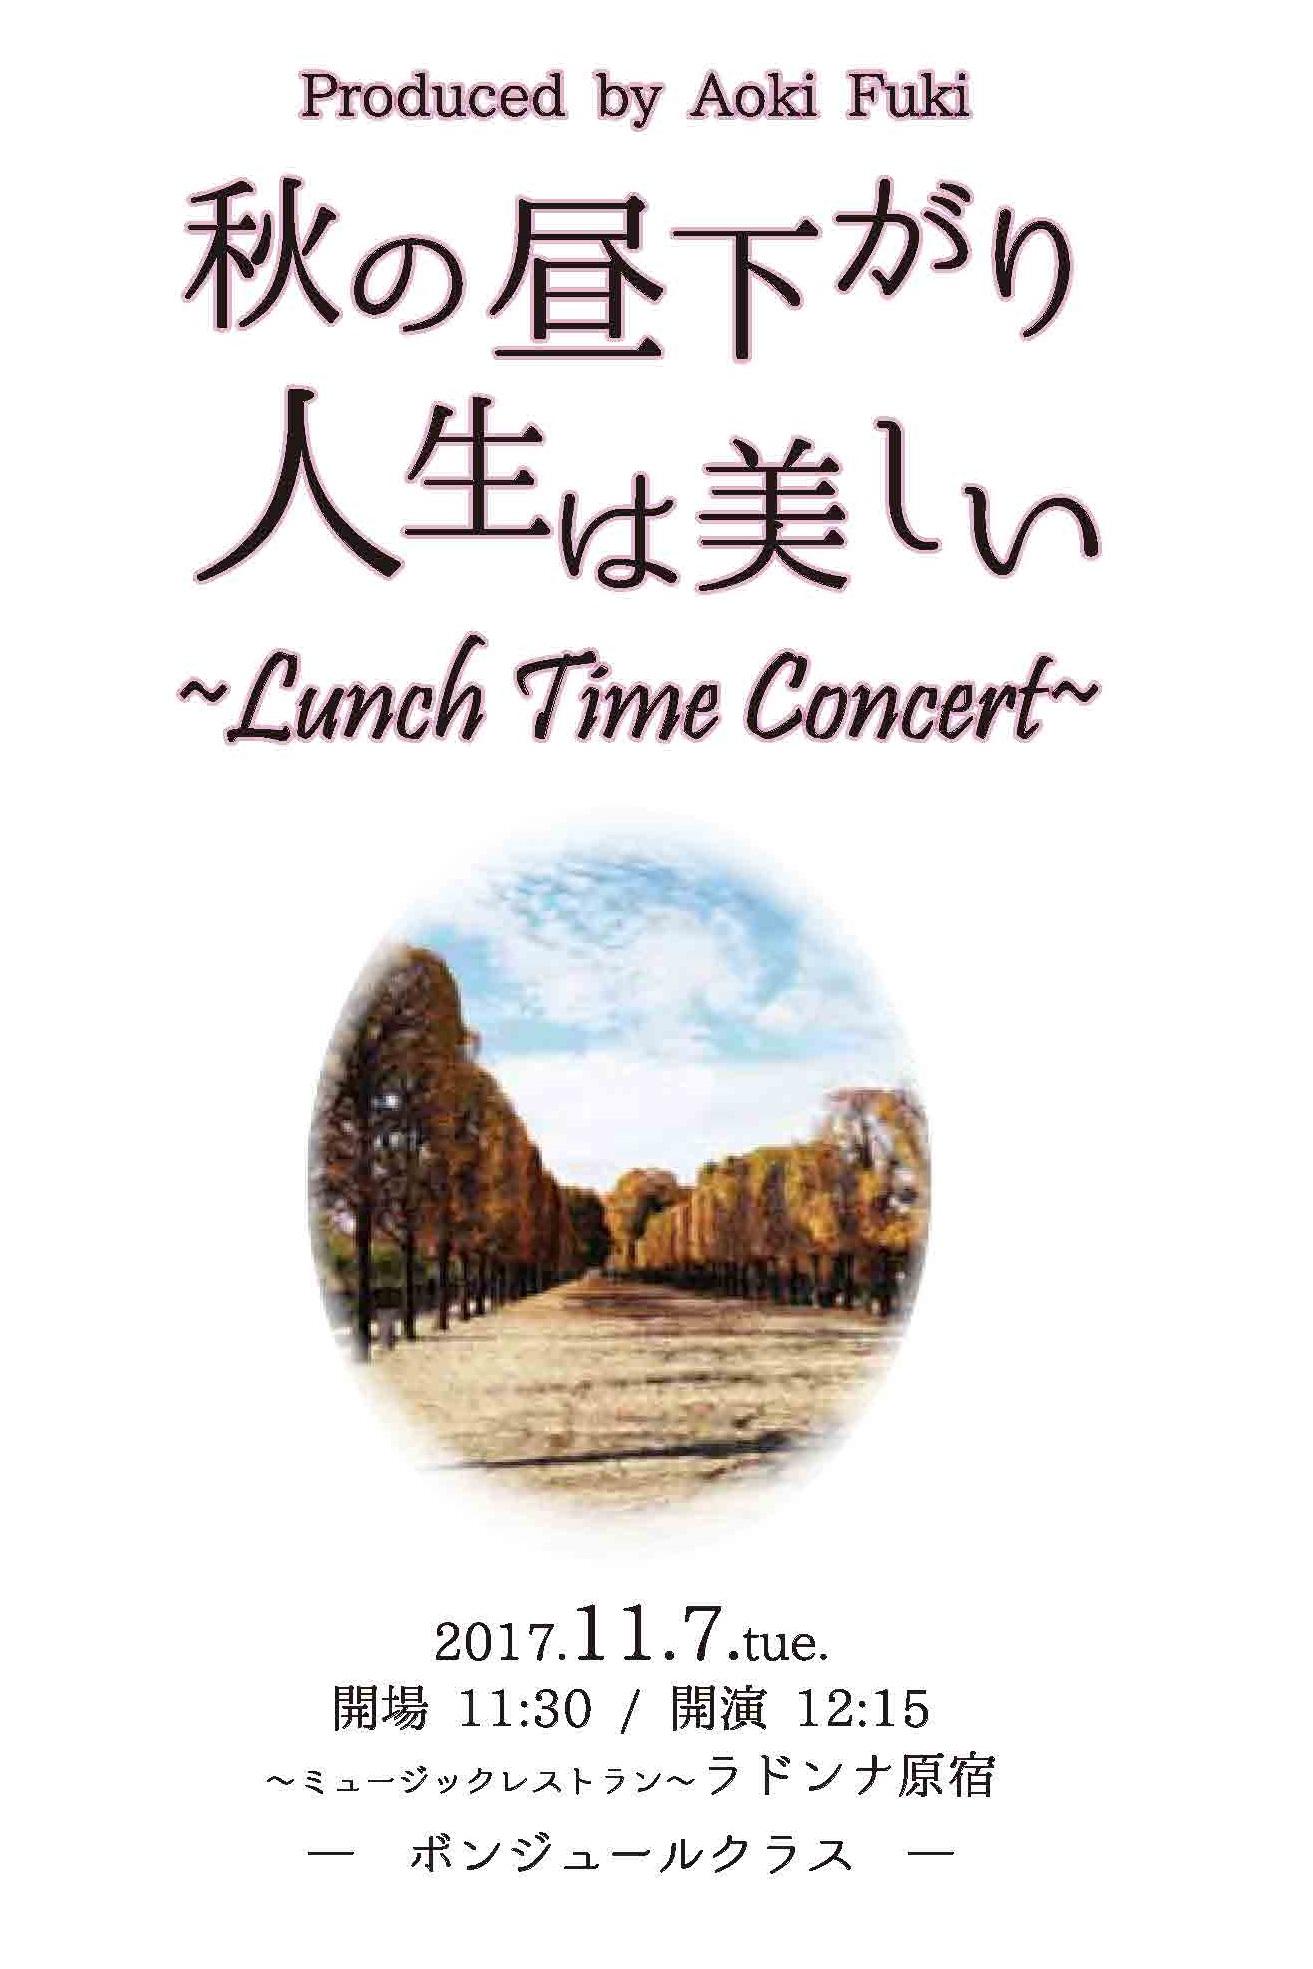 青木FUKIプロデュース 秋の昼下がり 人生は美しい ランチタイムコンサート ~ボンジュールクラス~